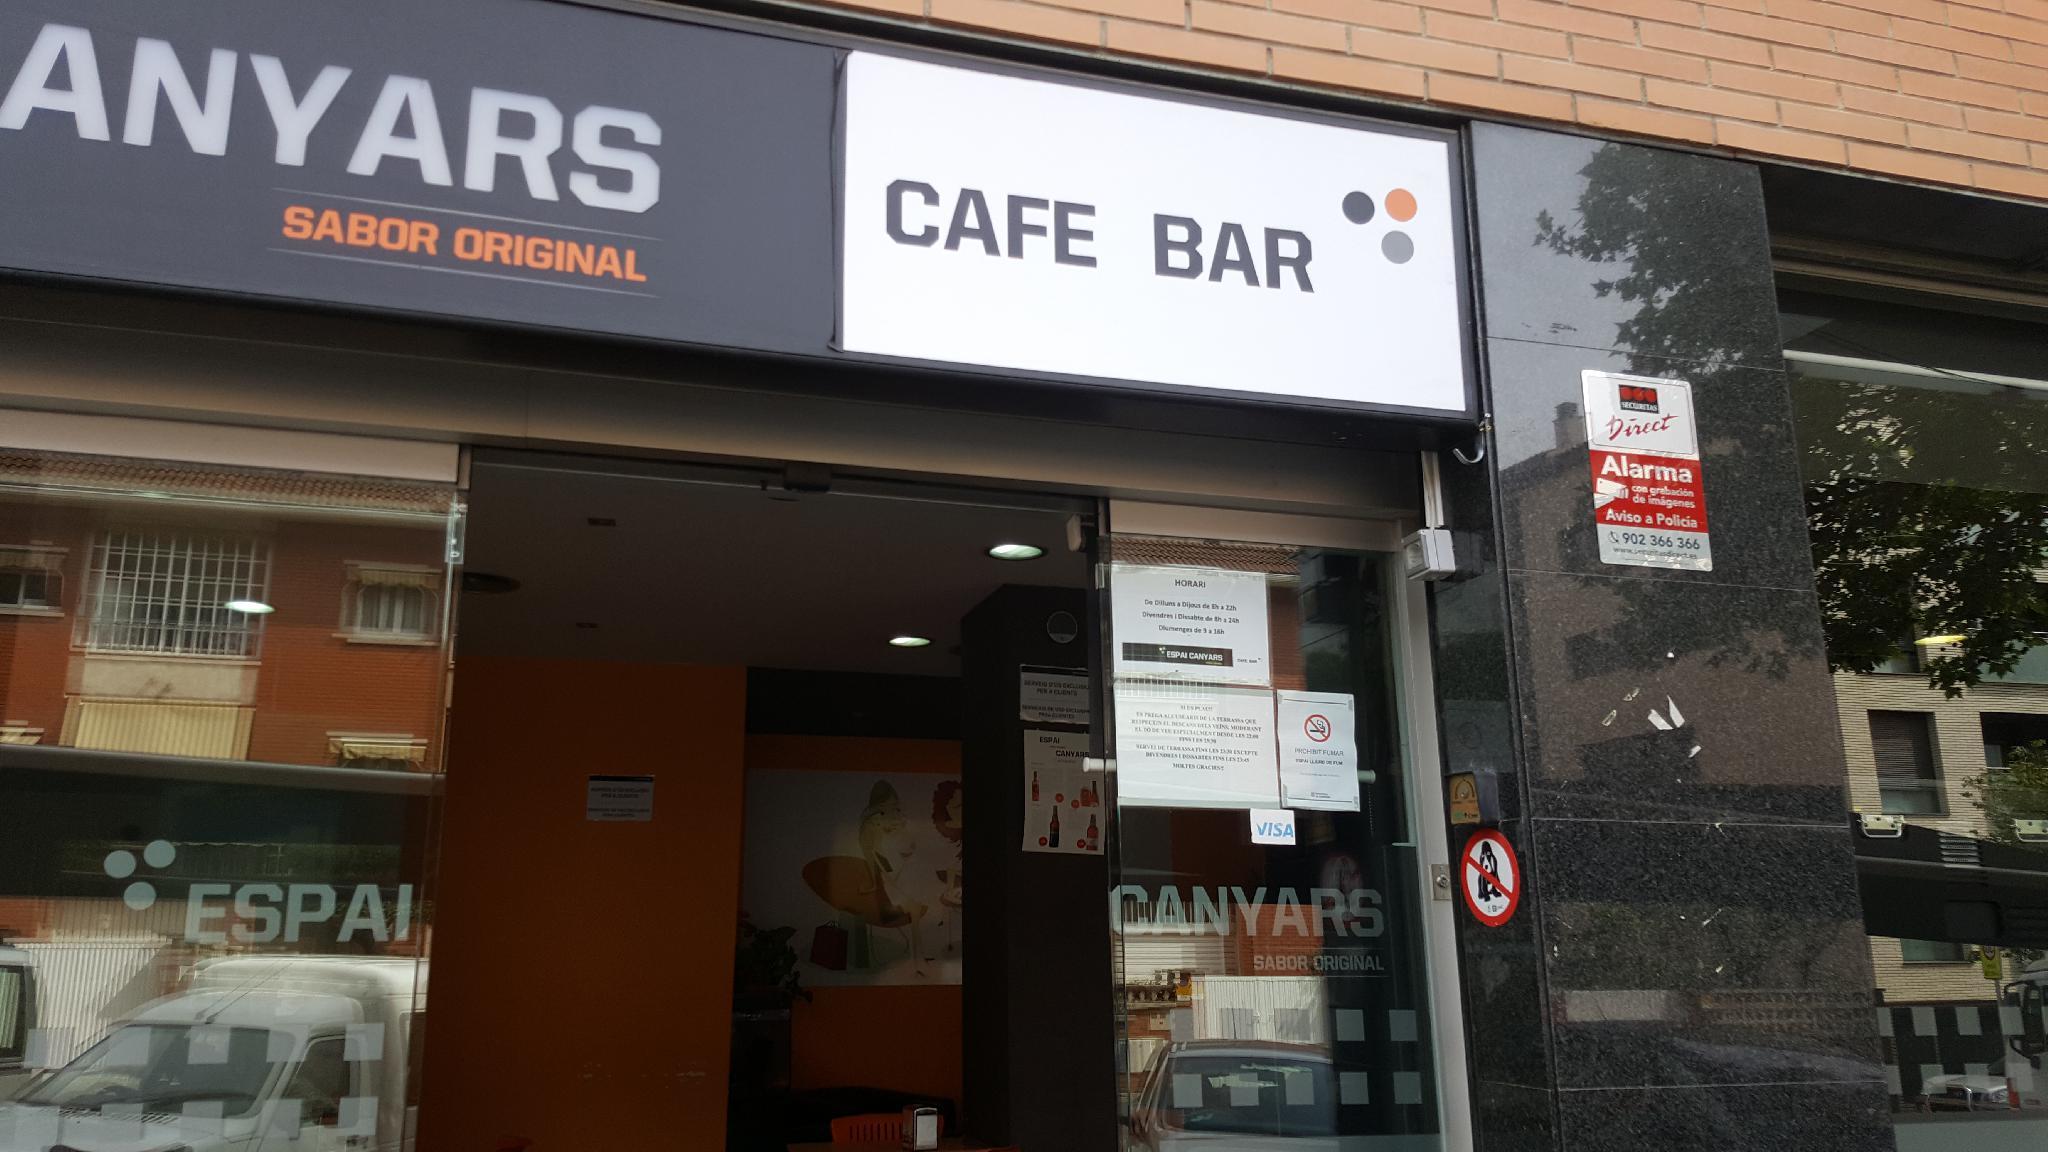 158659 - Zona Els Canyars, a 10 minutos del ayuntamiento.